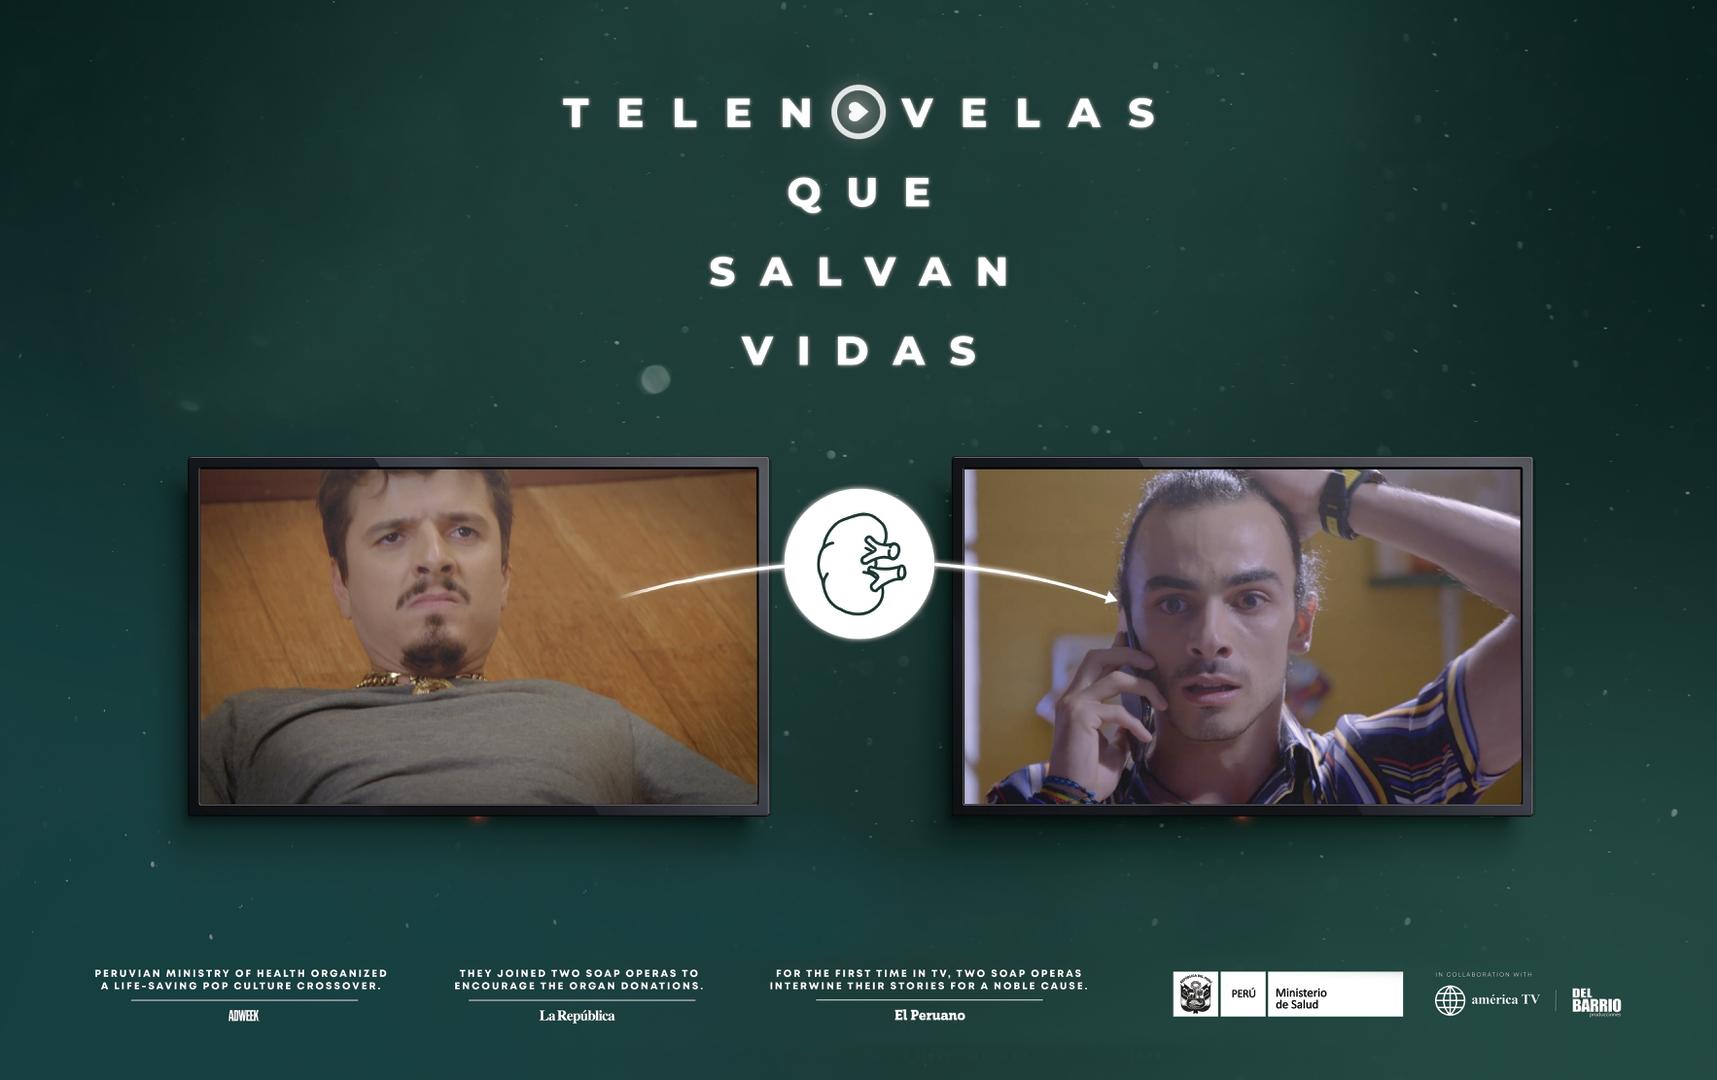 Telenovelas que salvan vidas